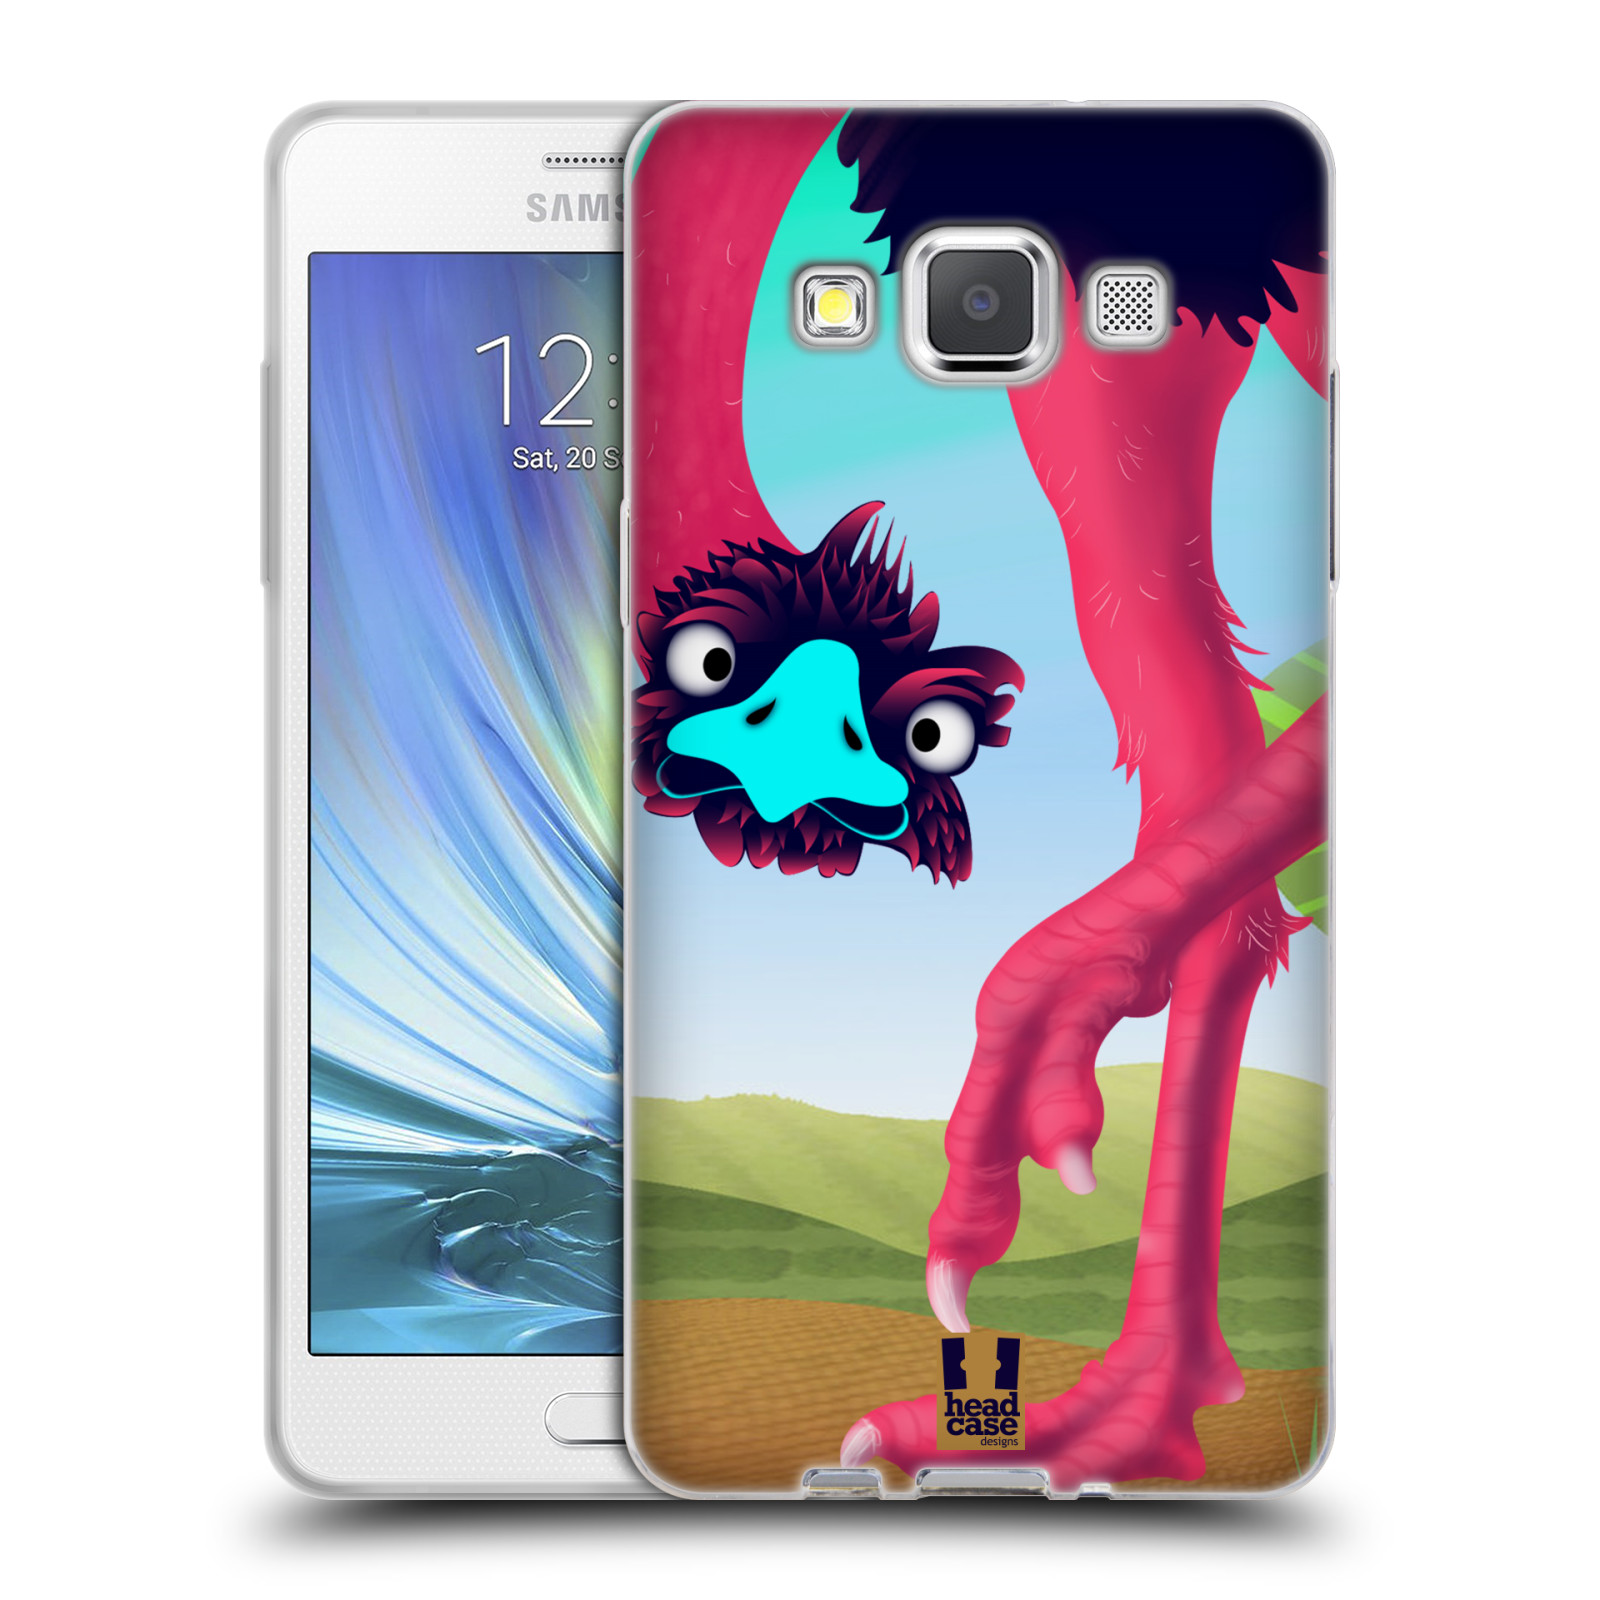 HEAD CASE silikonový obal na mobil Samsung Galaxy A5 vzor dlouhé nohy kreslená zvířátka pštros